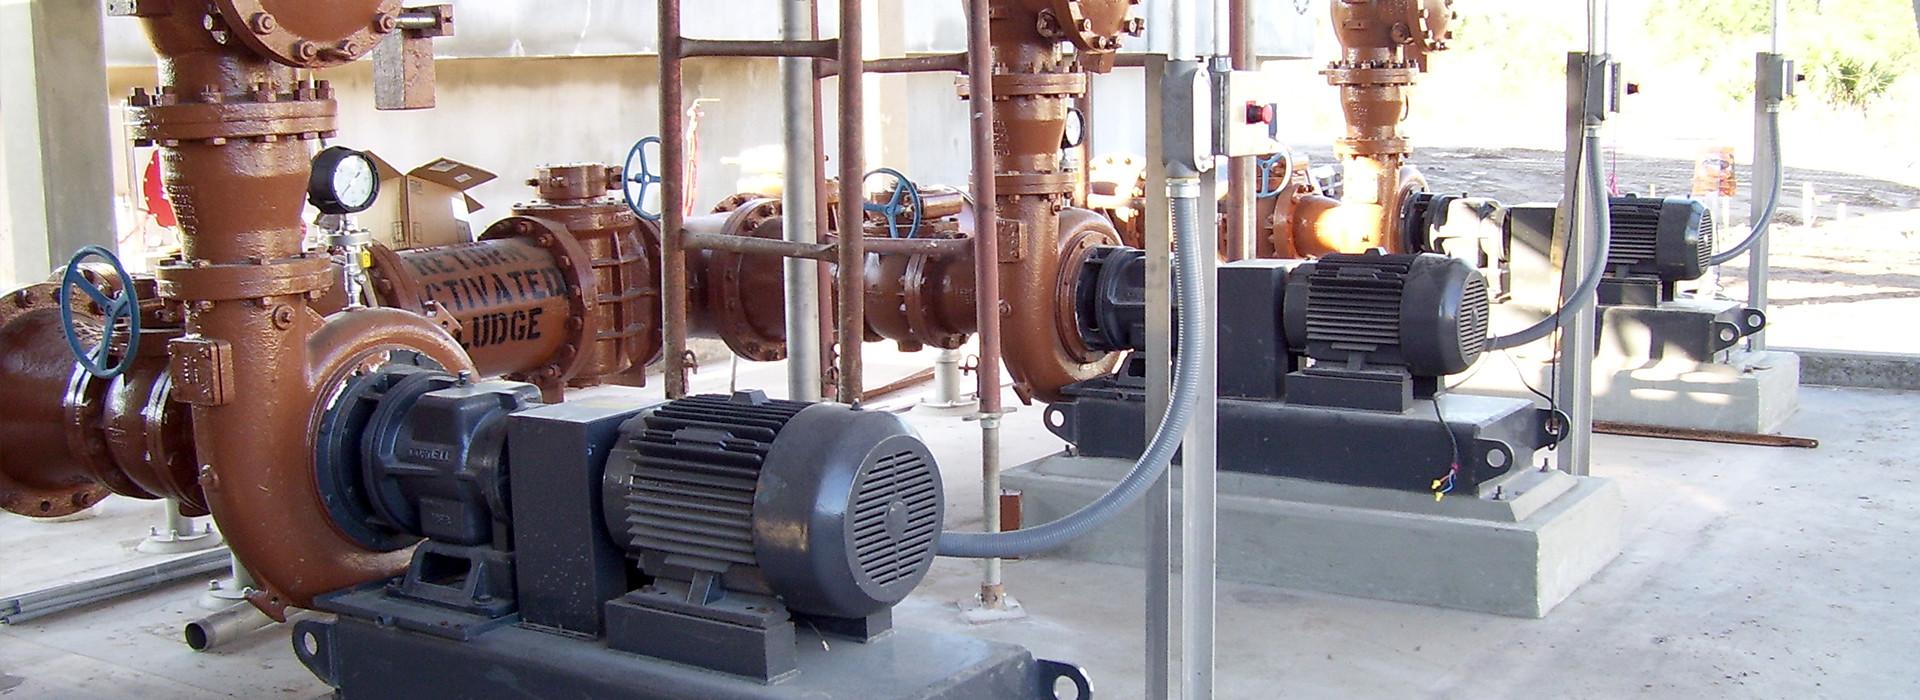 A Roper Technologies (Cornell) municipal wastewater pump.